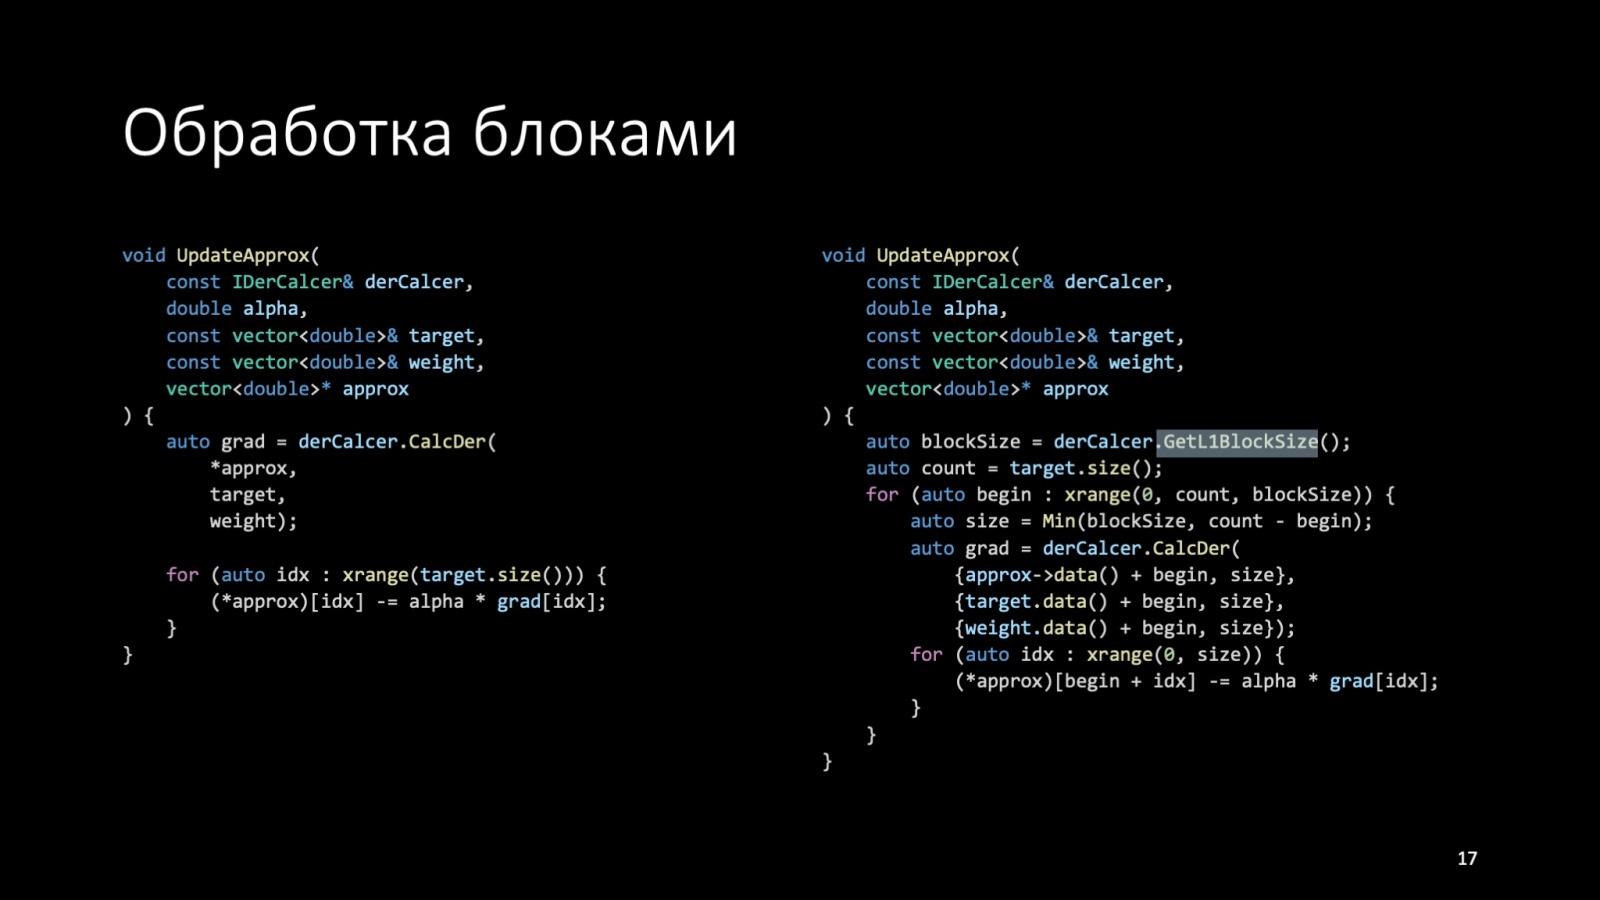 Оптимизация C++: совмещаем скорость и высокий уровень. Доклад Яндекса - 17